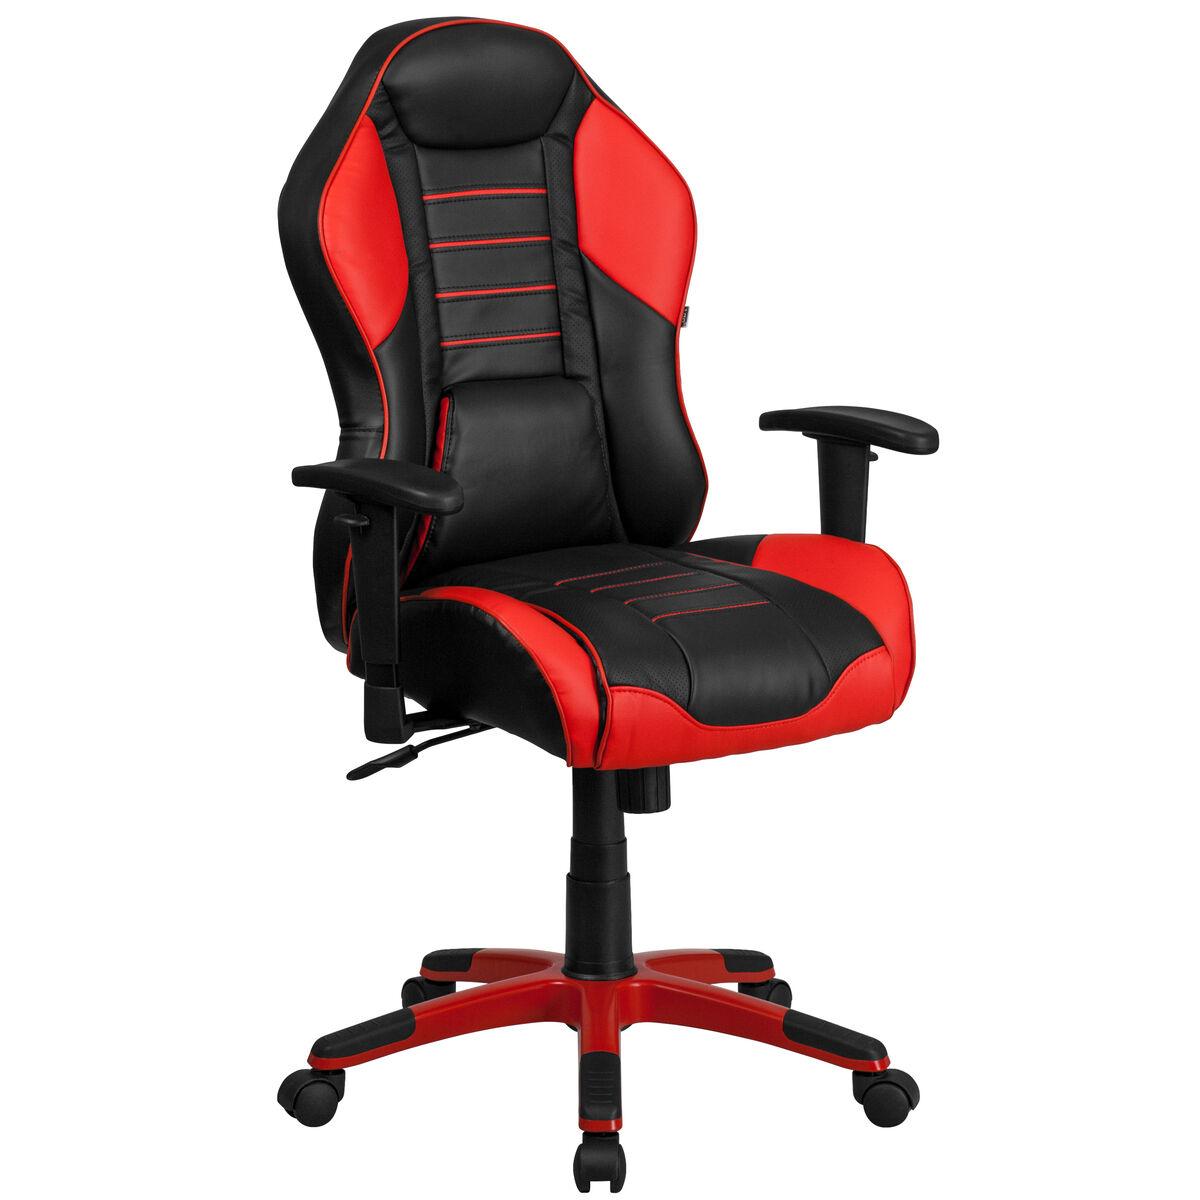 Cp Furniture: Flash Furniture CP-B329A02-RED-GG